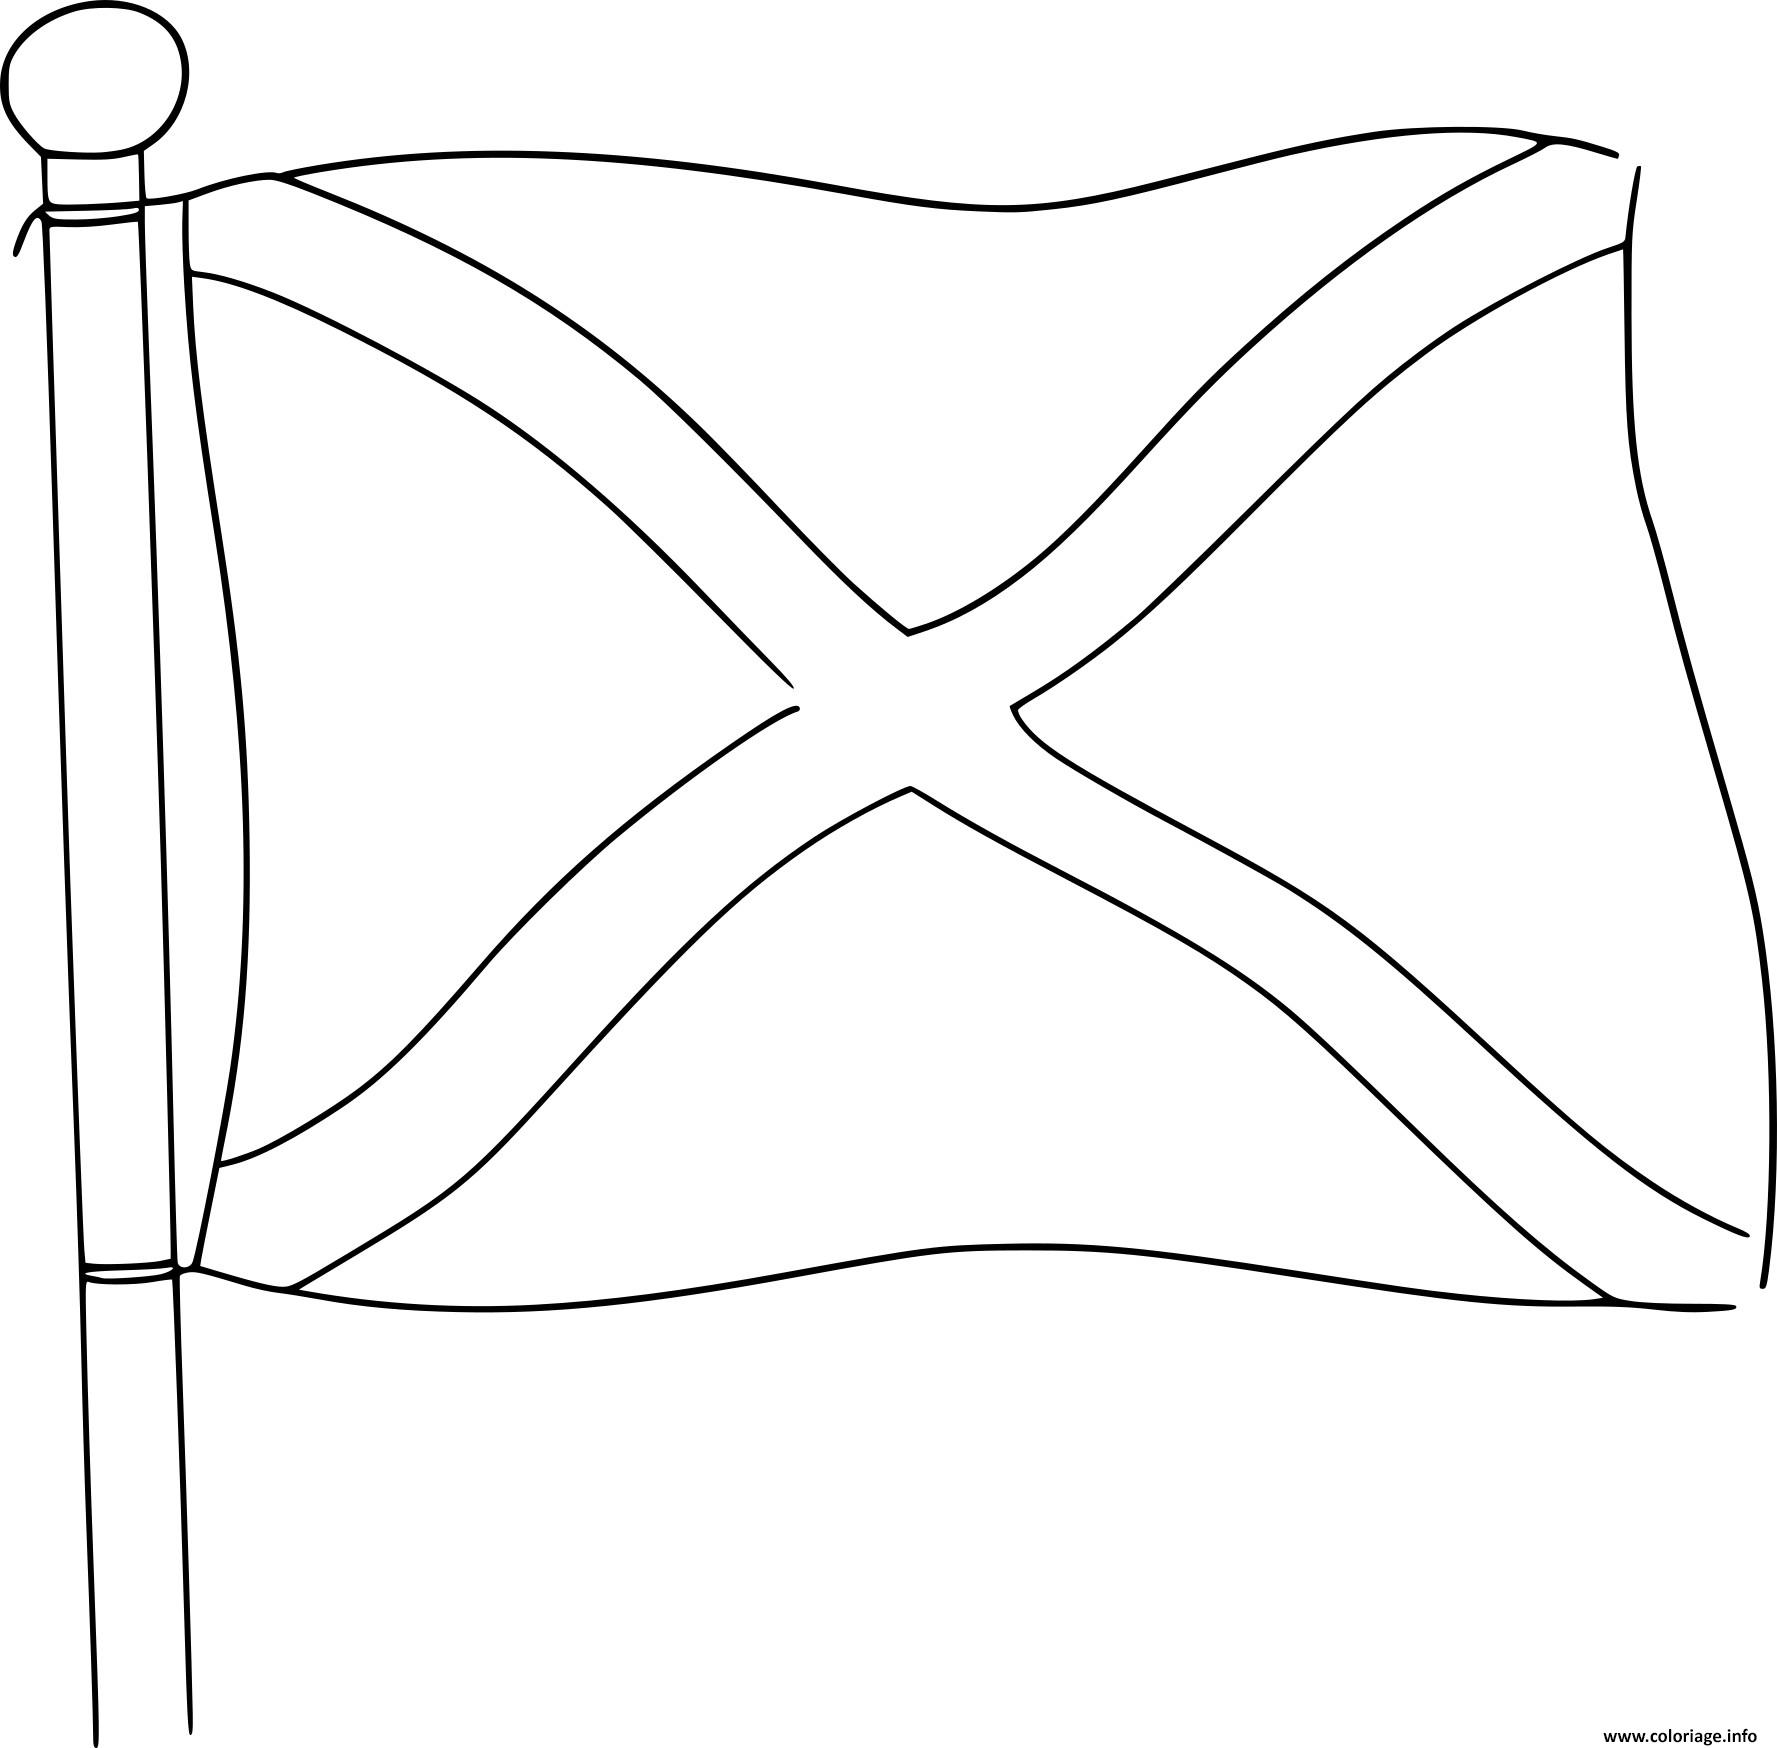 Dessin drapeau ecosse Coloriage Gratuit à Imprimer